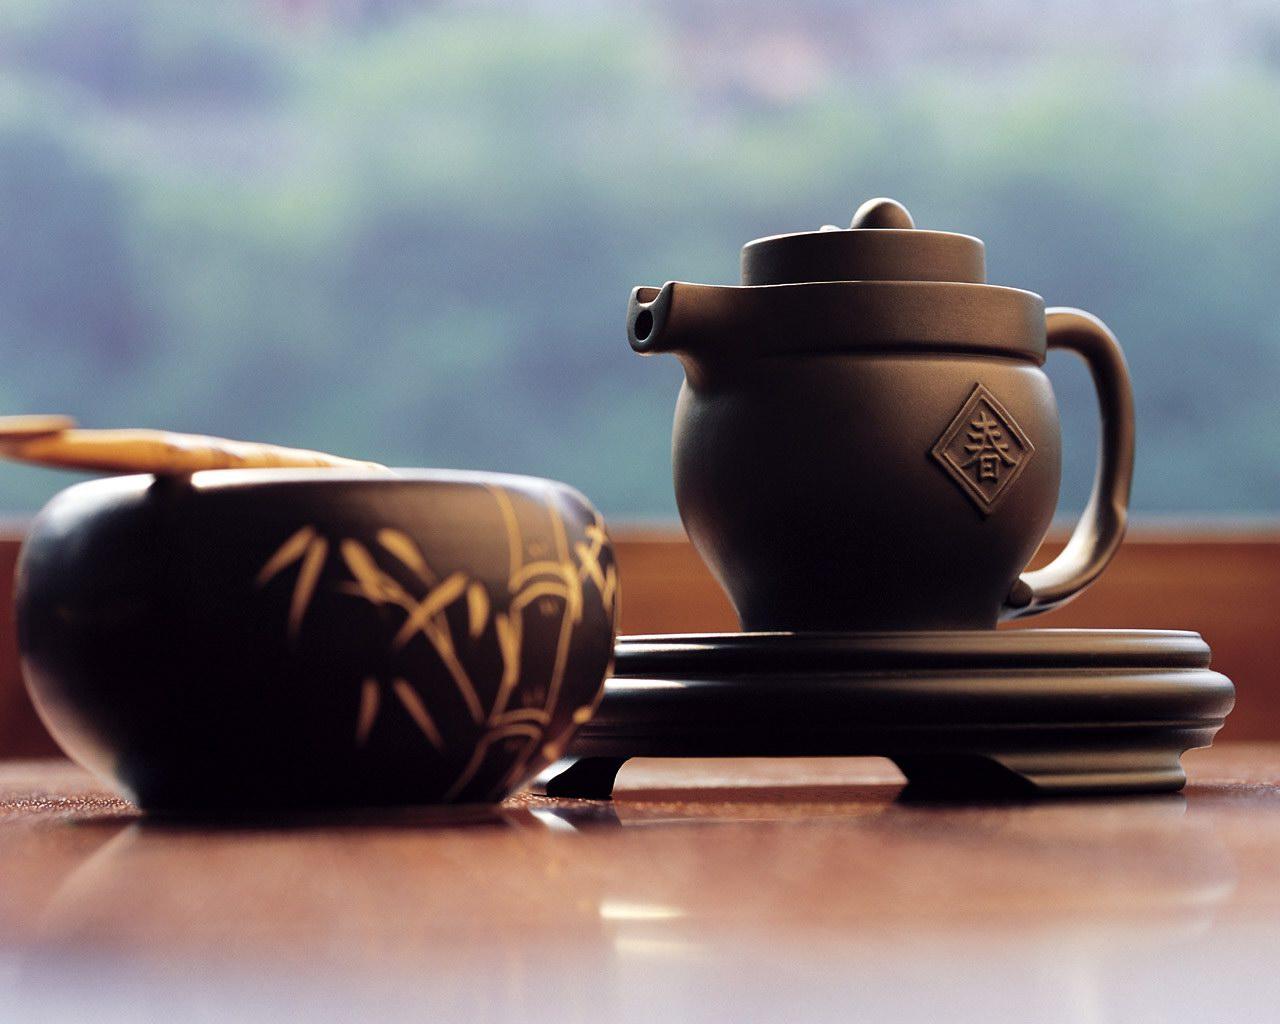 中国茶文化高清晰图片[21P] - AAA级私秘视频馆 - jb.cb.cb.cb 的博客